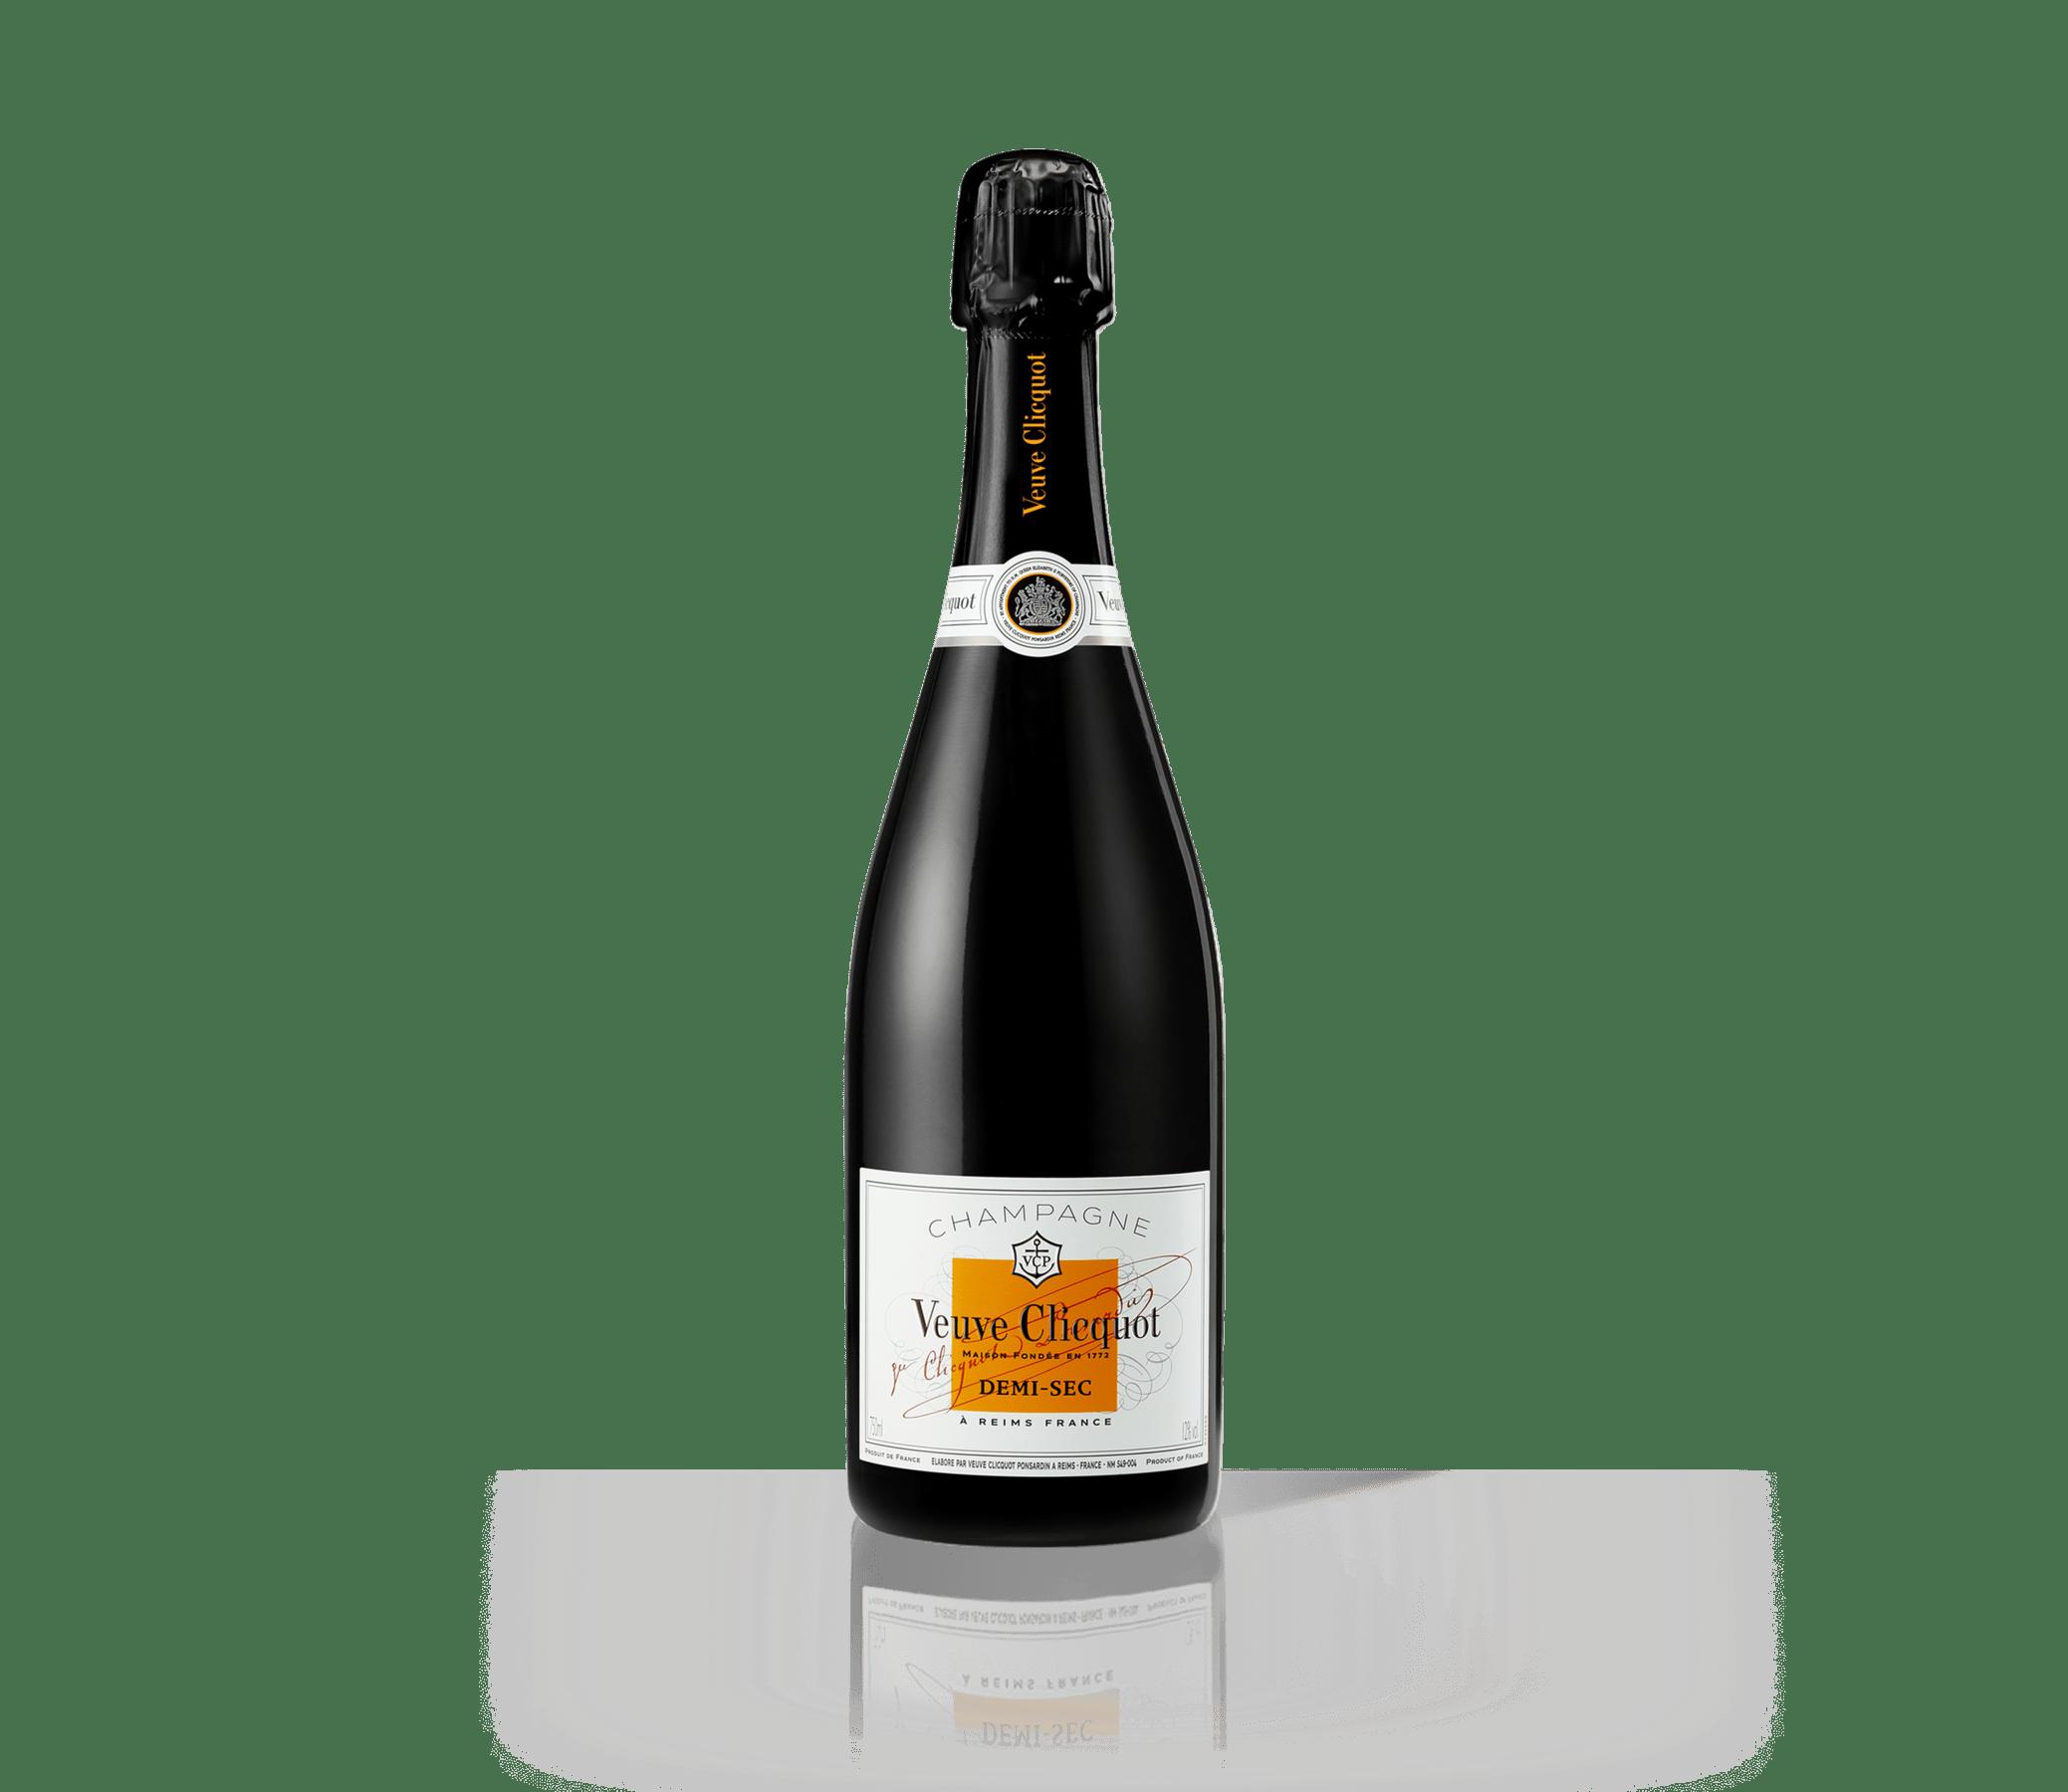 Bouteille de Champagne Veuve Clicquot Demi-Sec